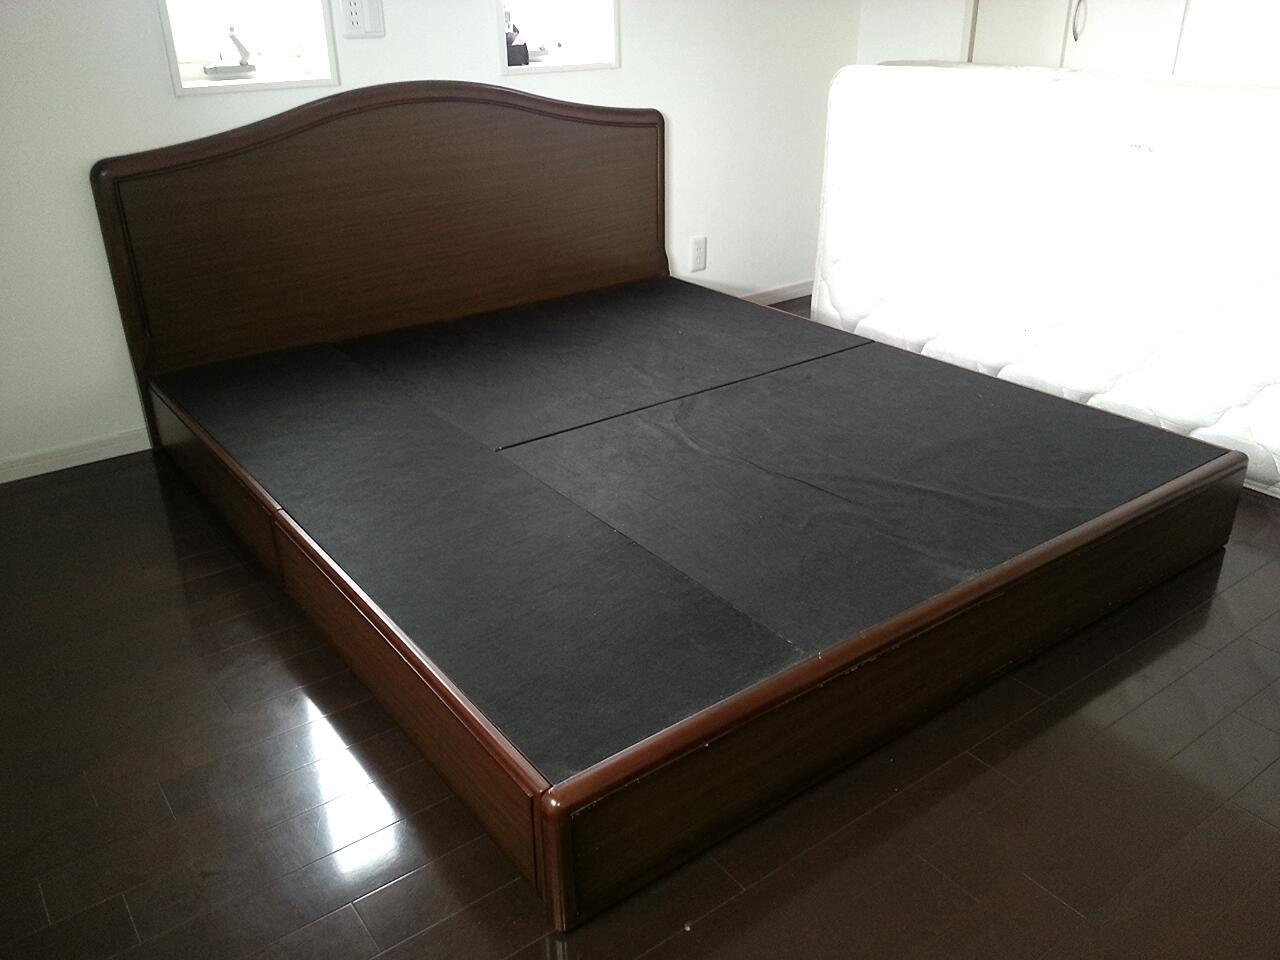 ベッド下の掃除が、面倒くさすぎるので( ̄ー ̄) : happy living -収納